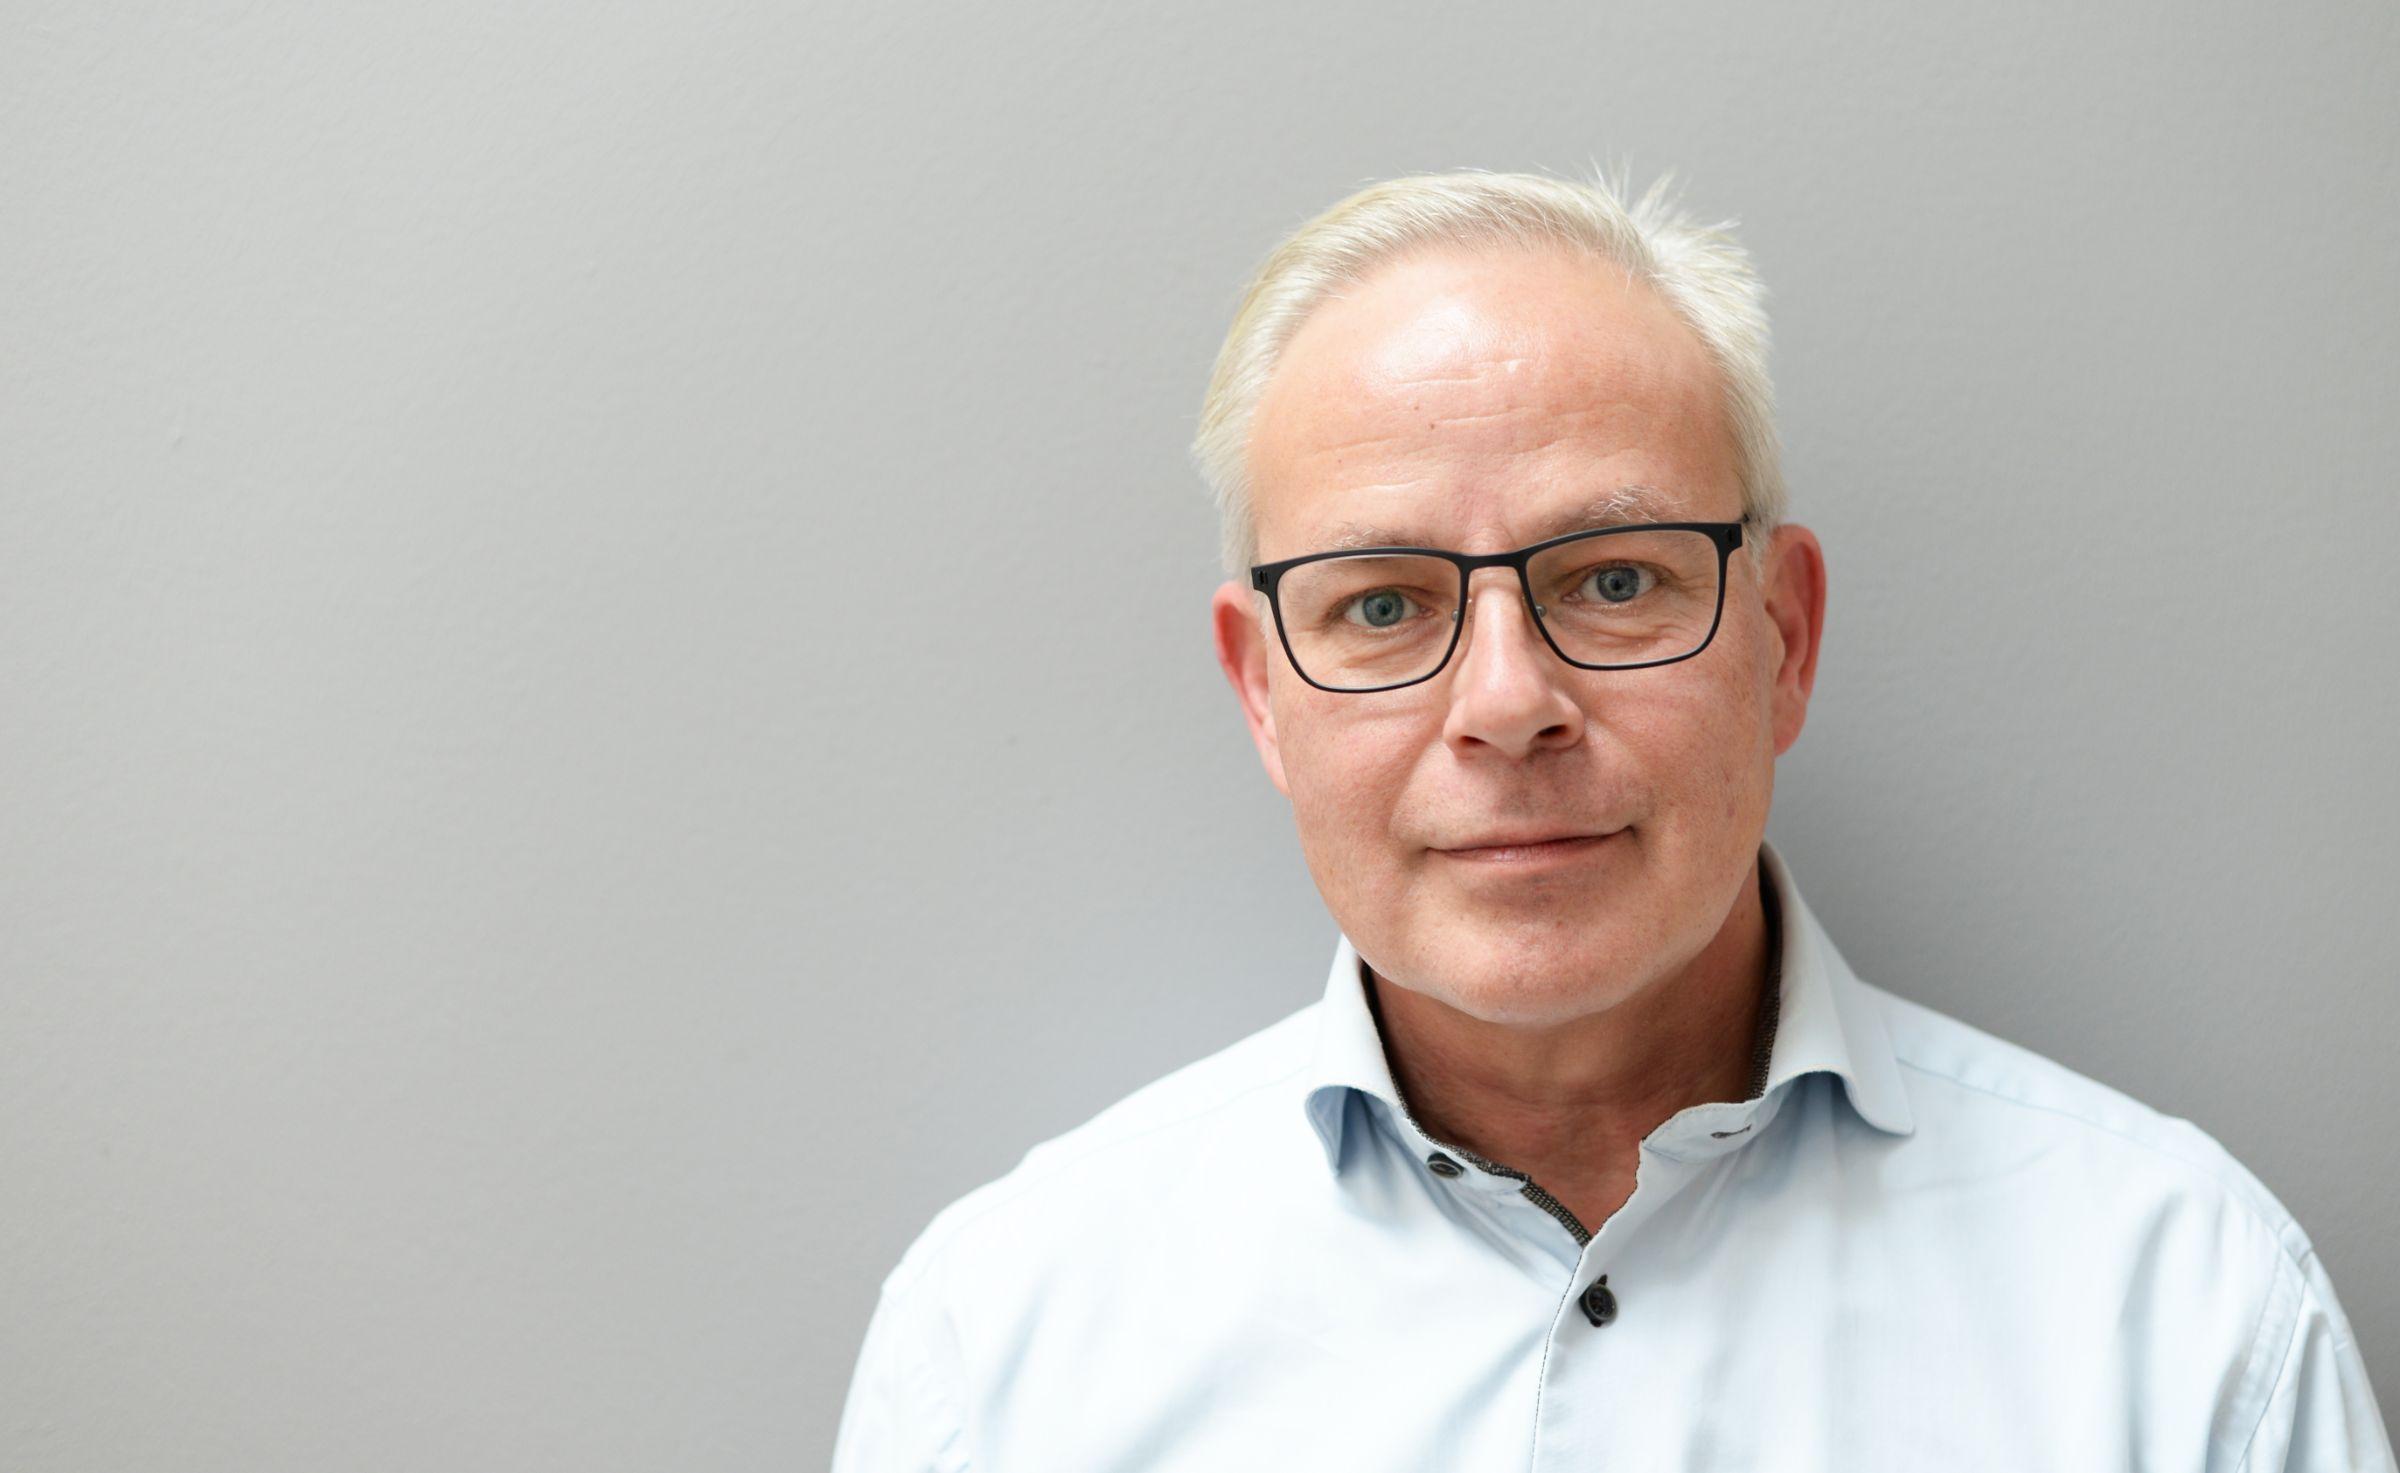 Gert Doornebal